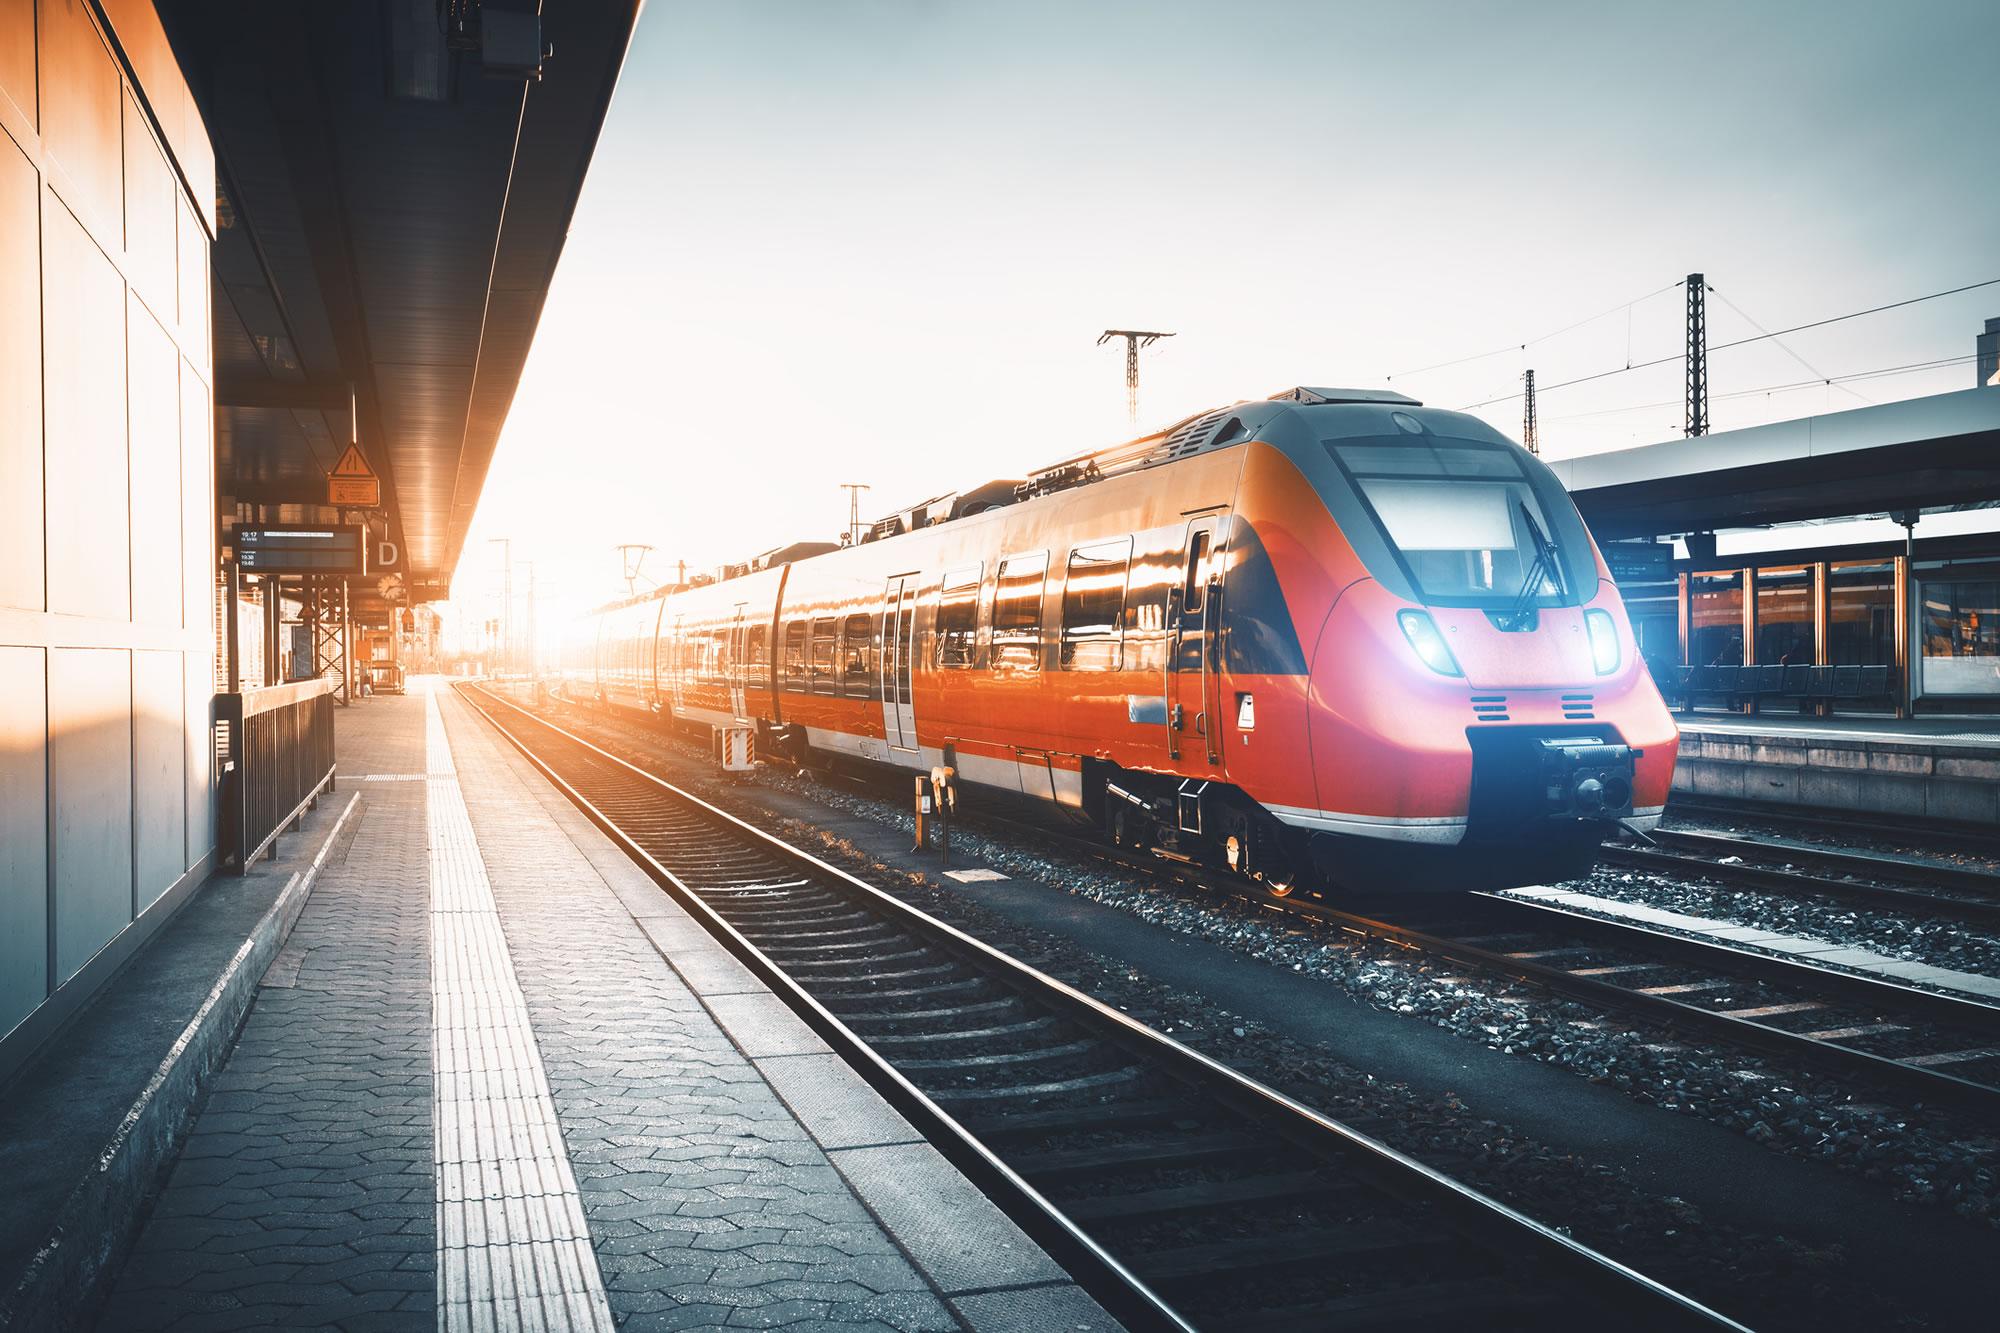 Interrail Around Europe